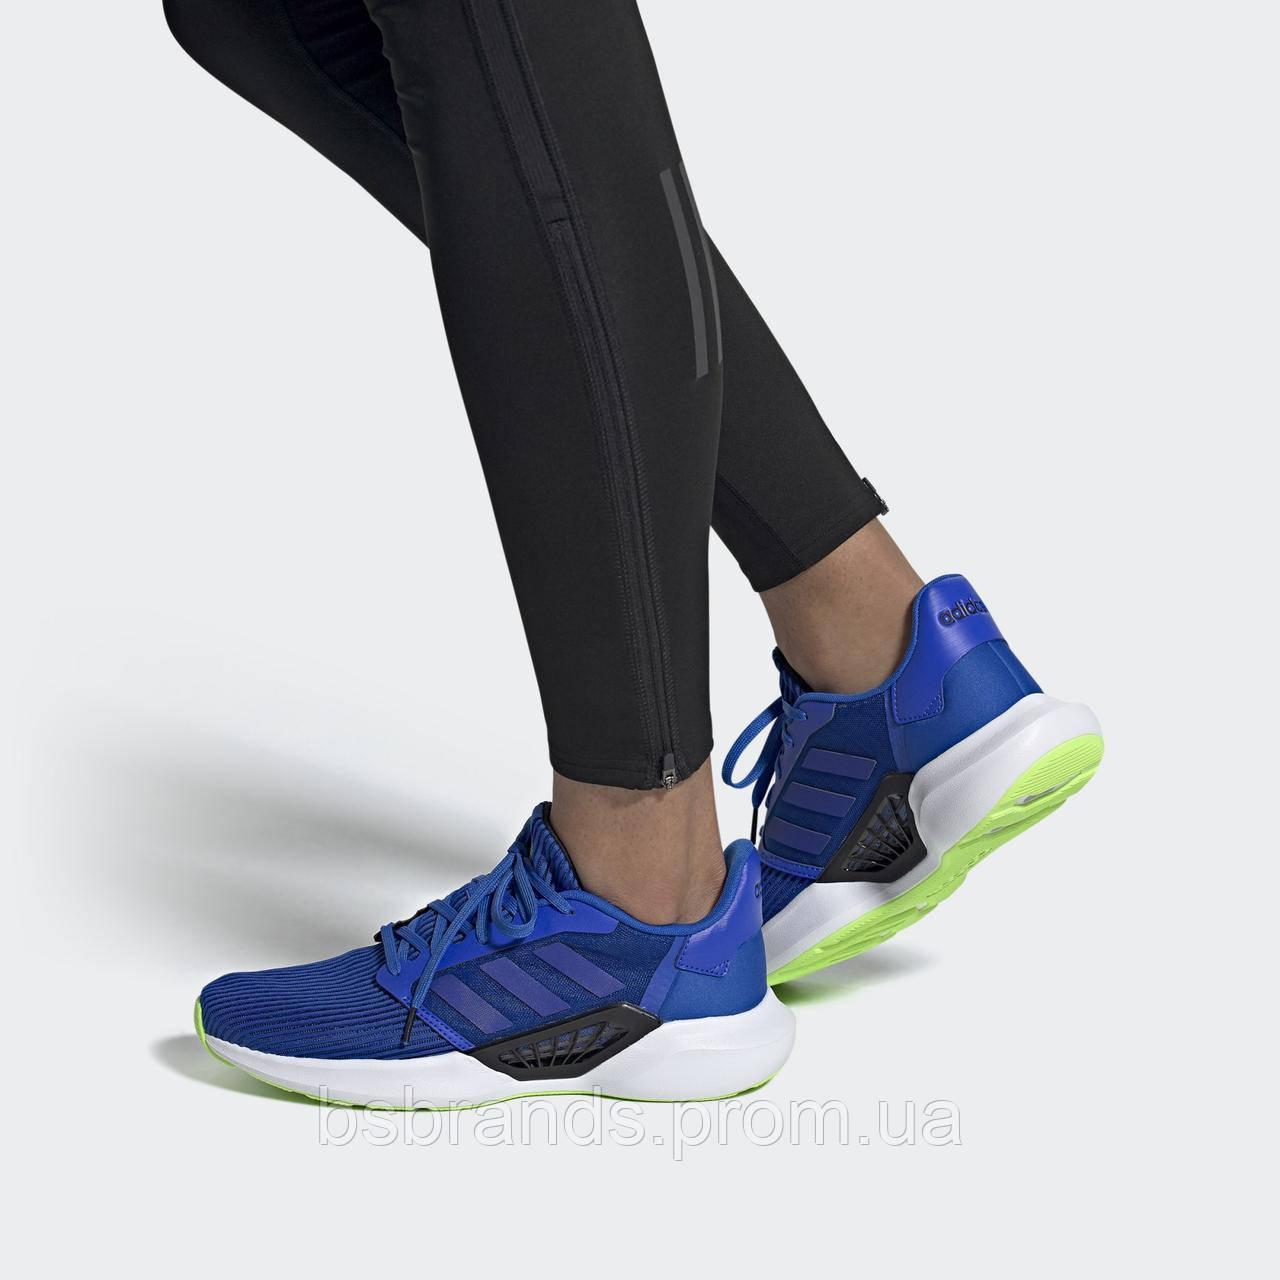 Мужские кроссовки adidas для бега Ventice EG3270 (2020/1)